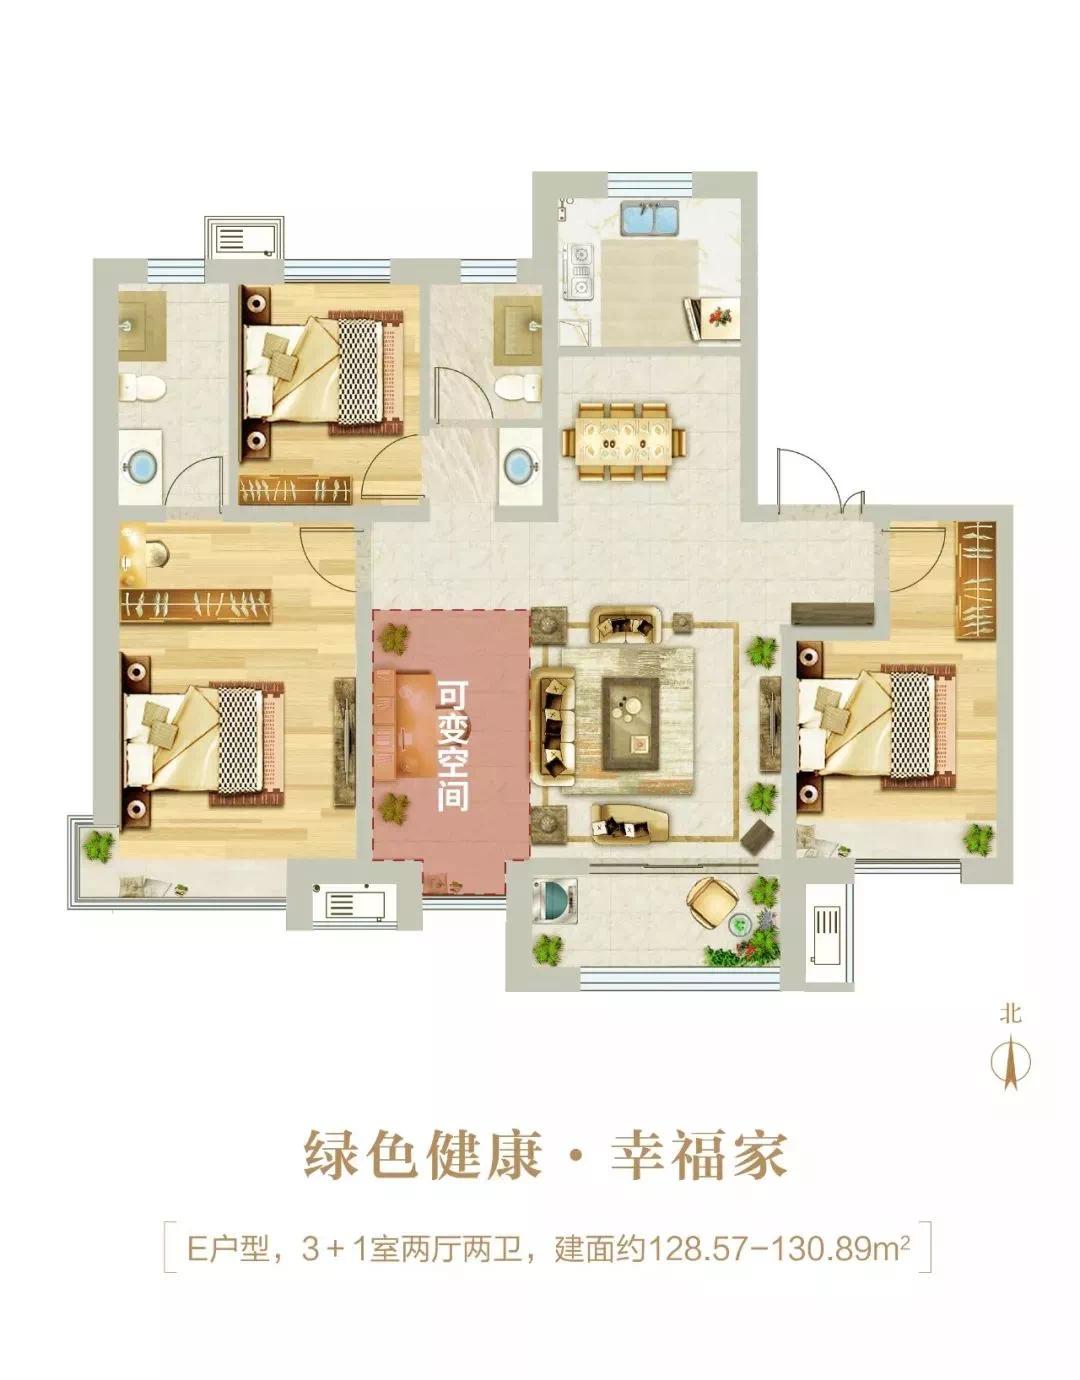 保利建筑新工藝:3大創新,為臨淄建筑美好人居!